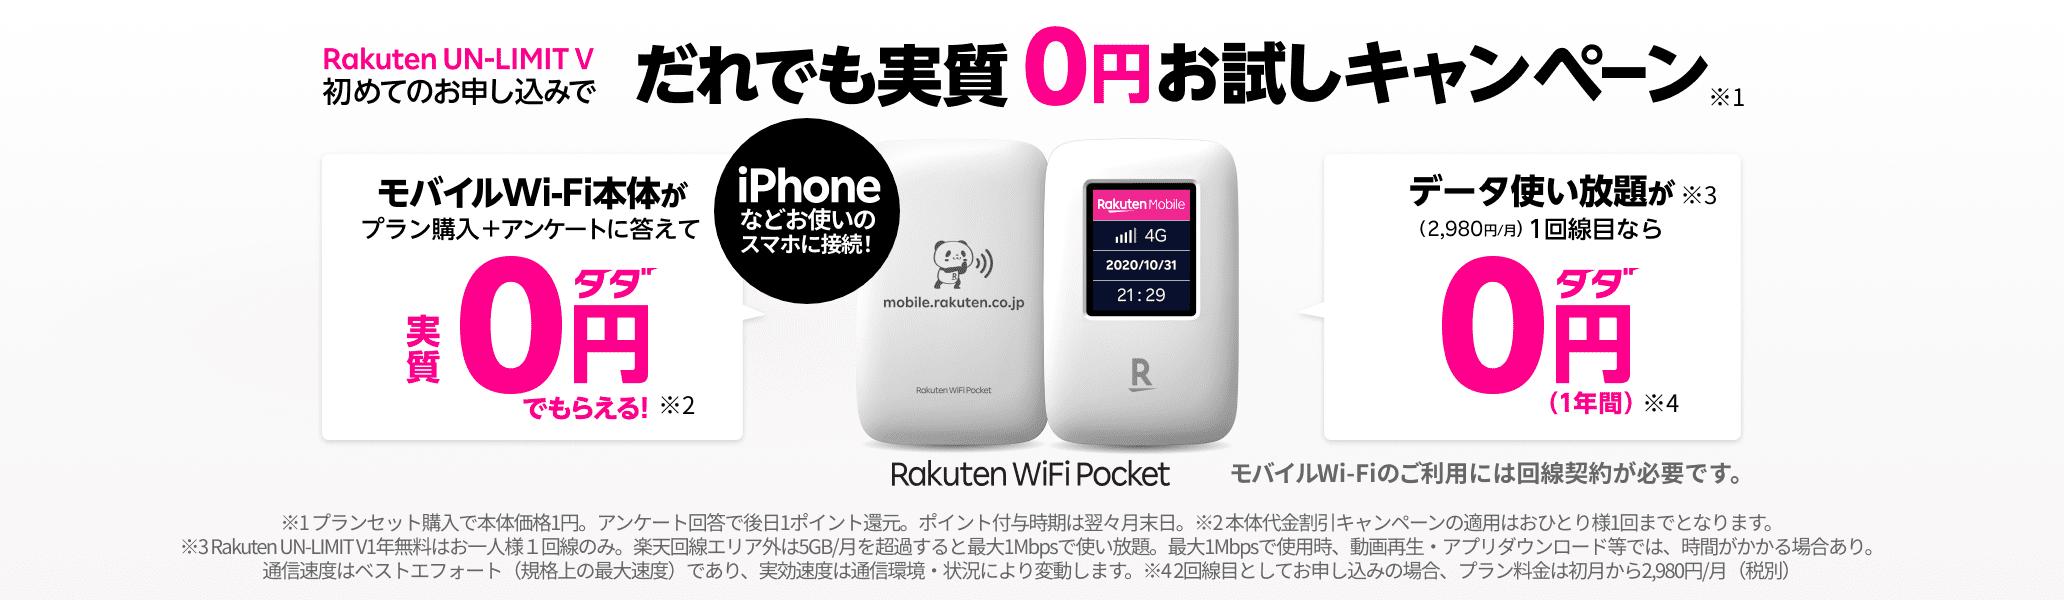 Rakuten WiFi Pocket が実質0円でお試し!